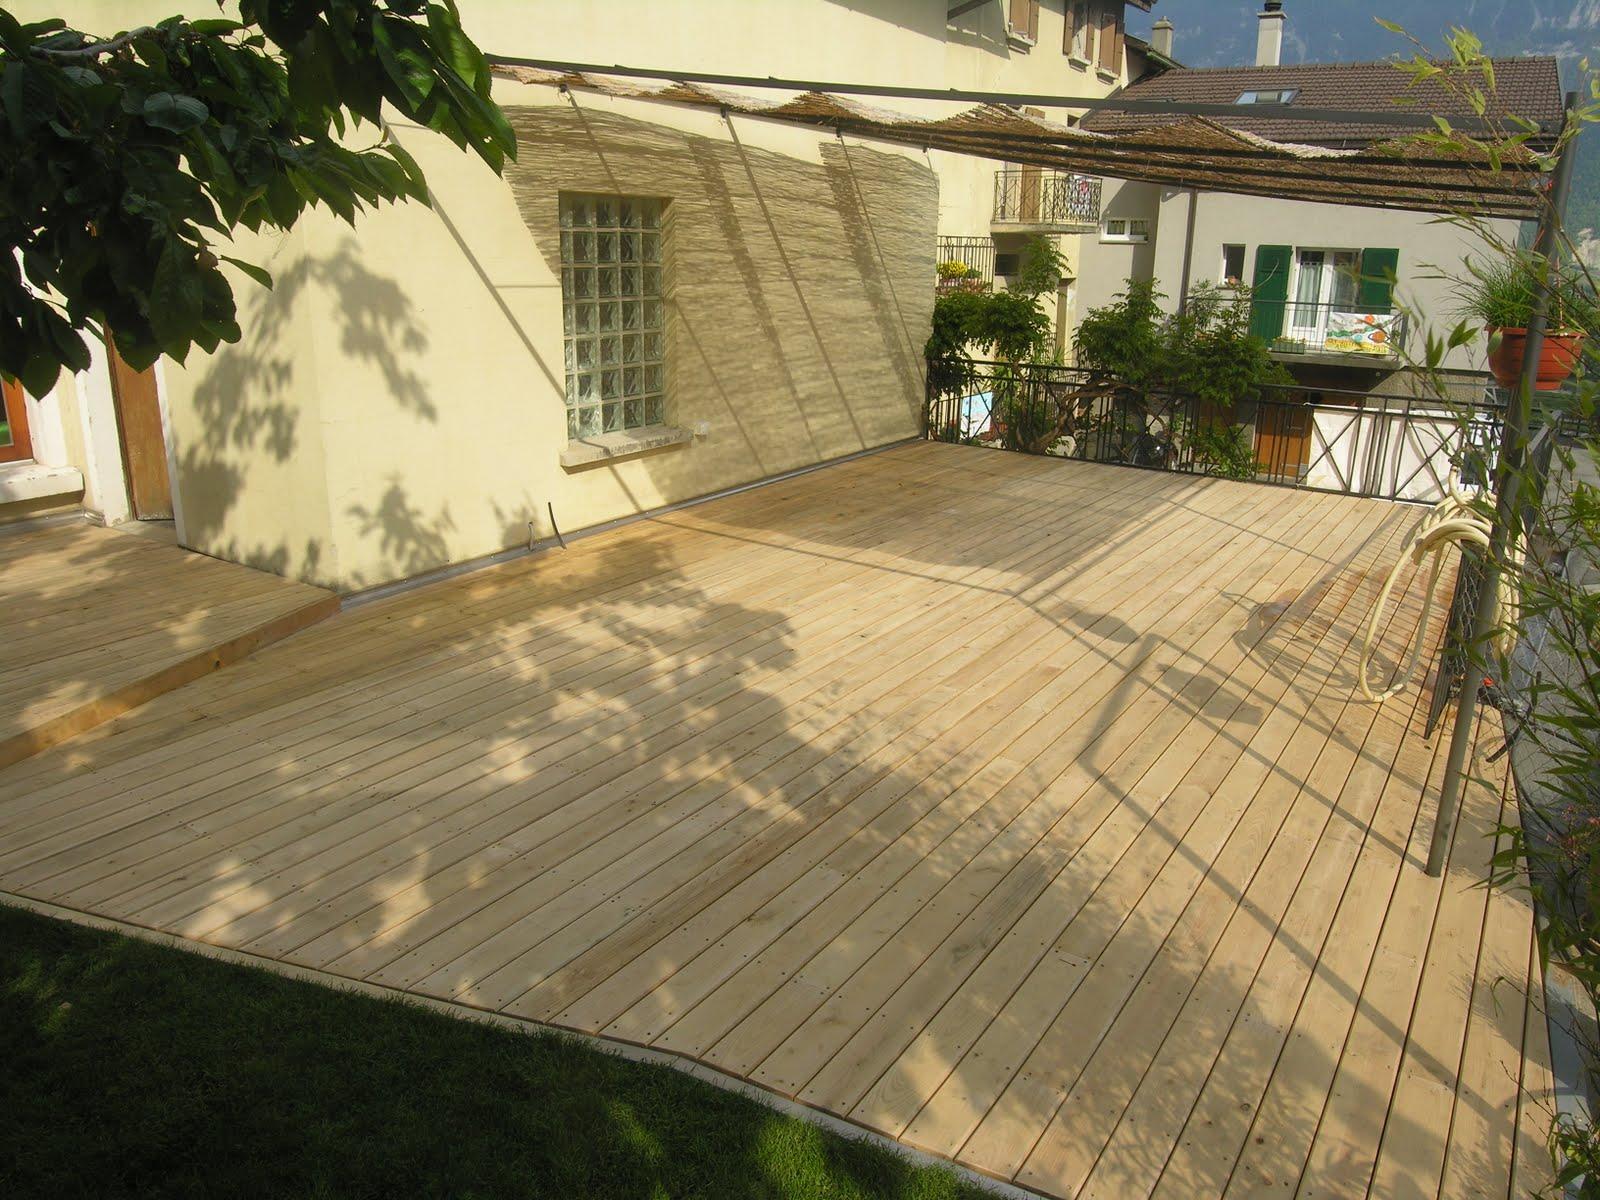 terrasse bois non traite diverses id es de conception de patio en bois pour votre. Black Bedroom Furniture Sets. Home Design Ideas